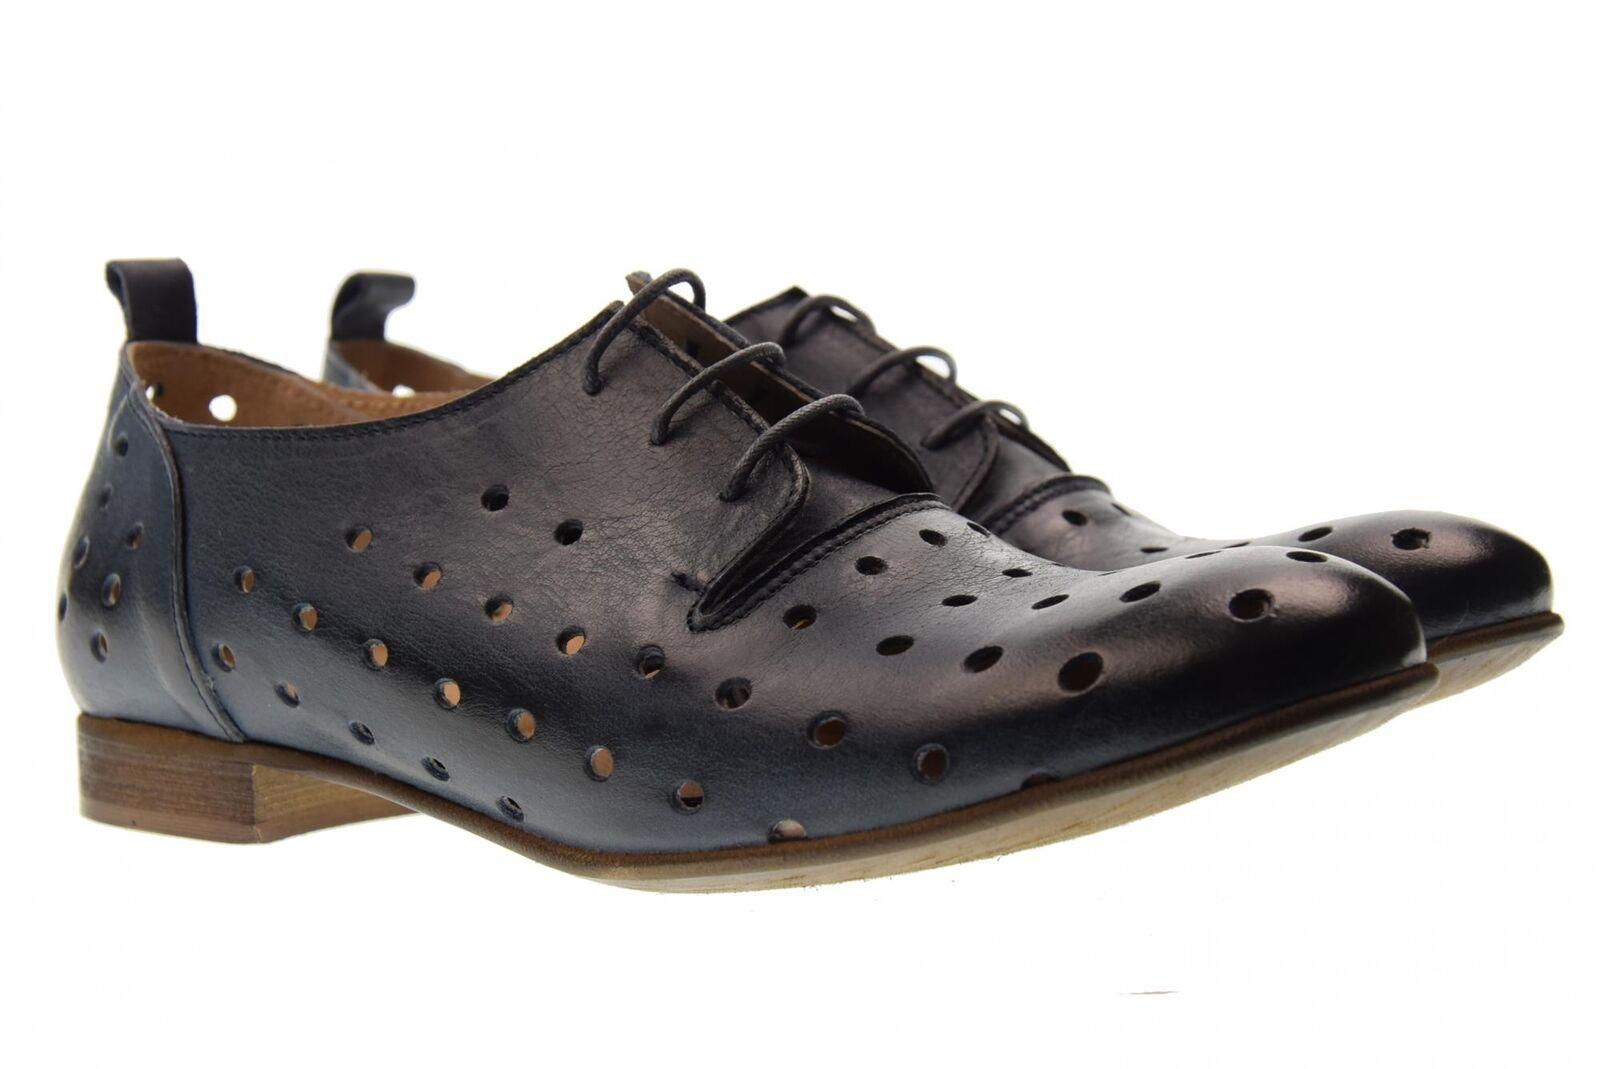 Erman's scarpe donna 2000 classiche GE 2000 donna MIRTILLO P18 67e102